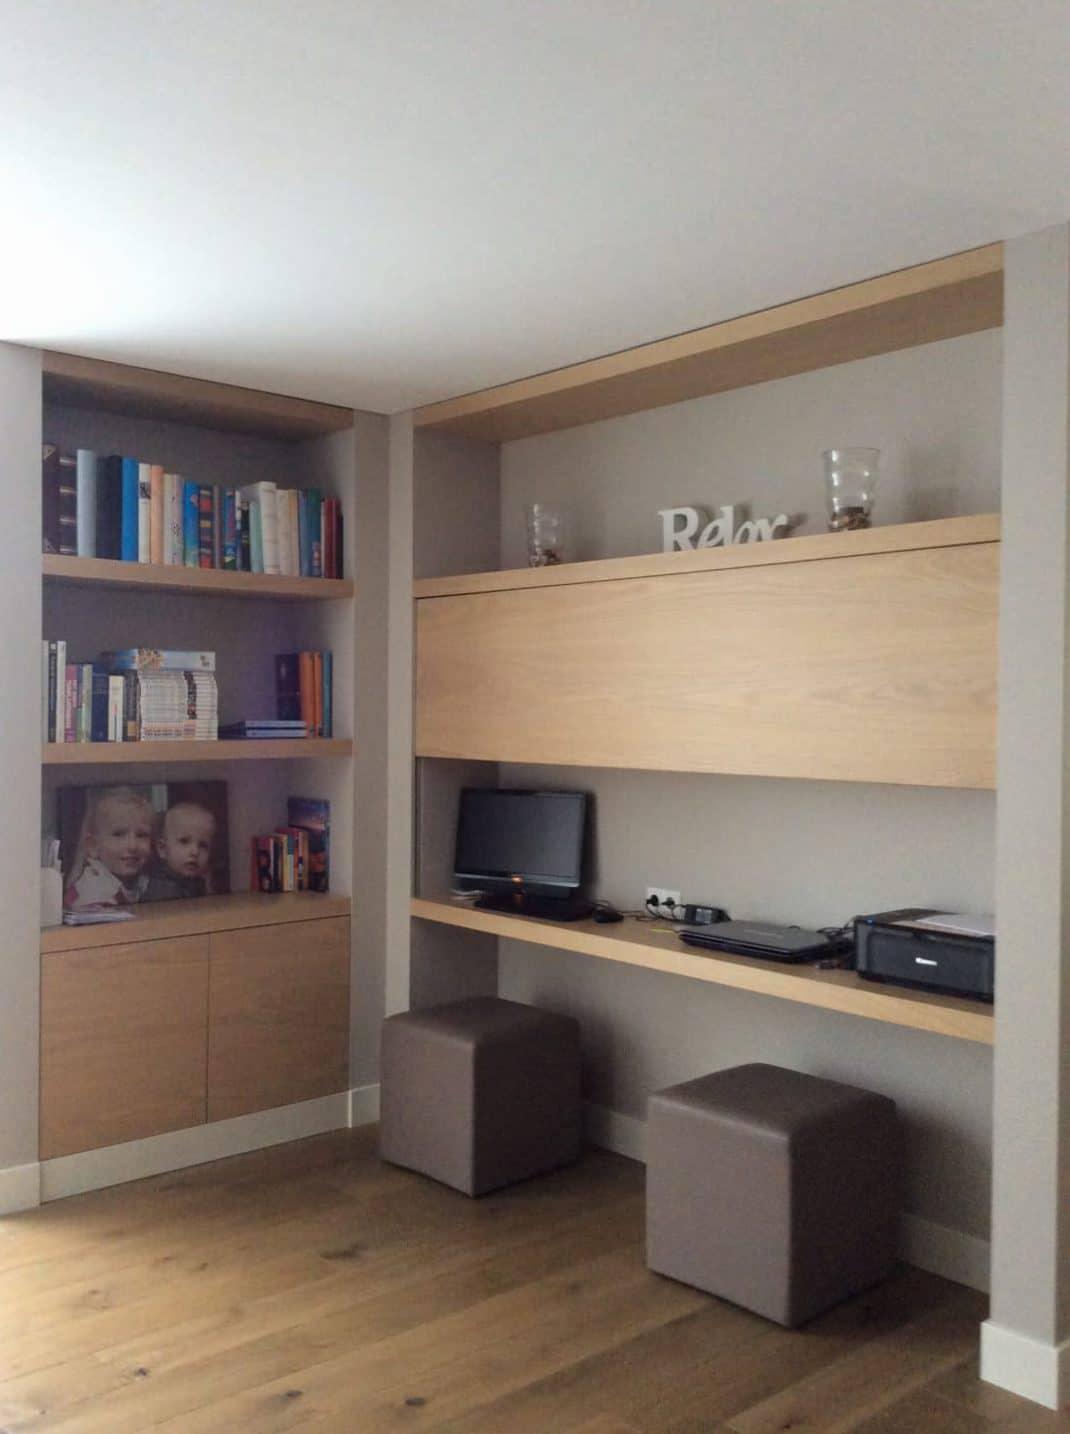 Werkplek woonkamer in geopende toestand